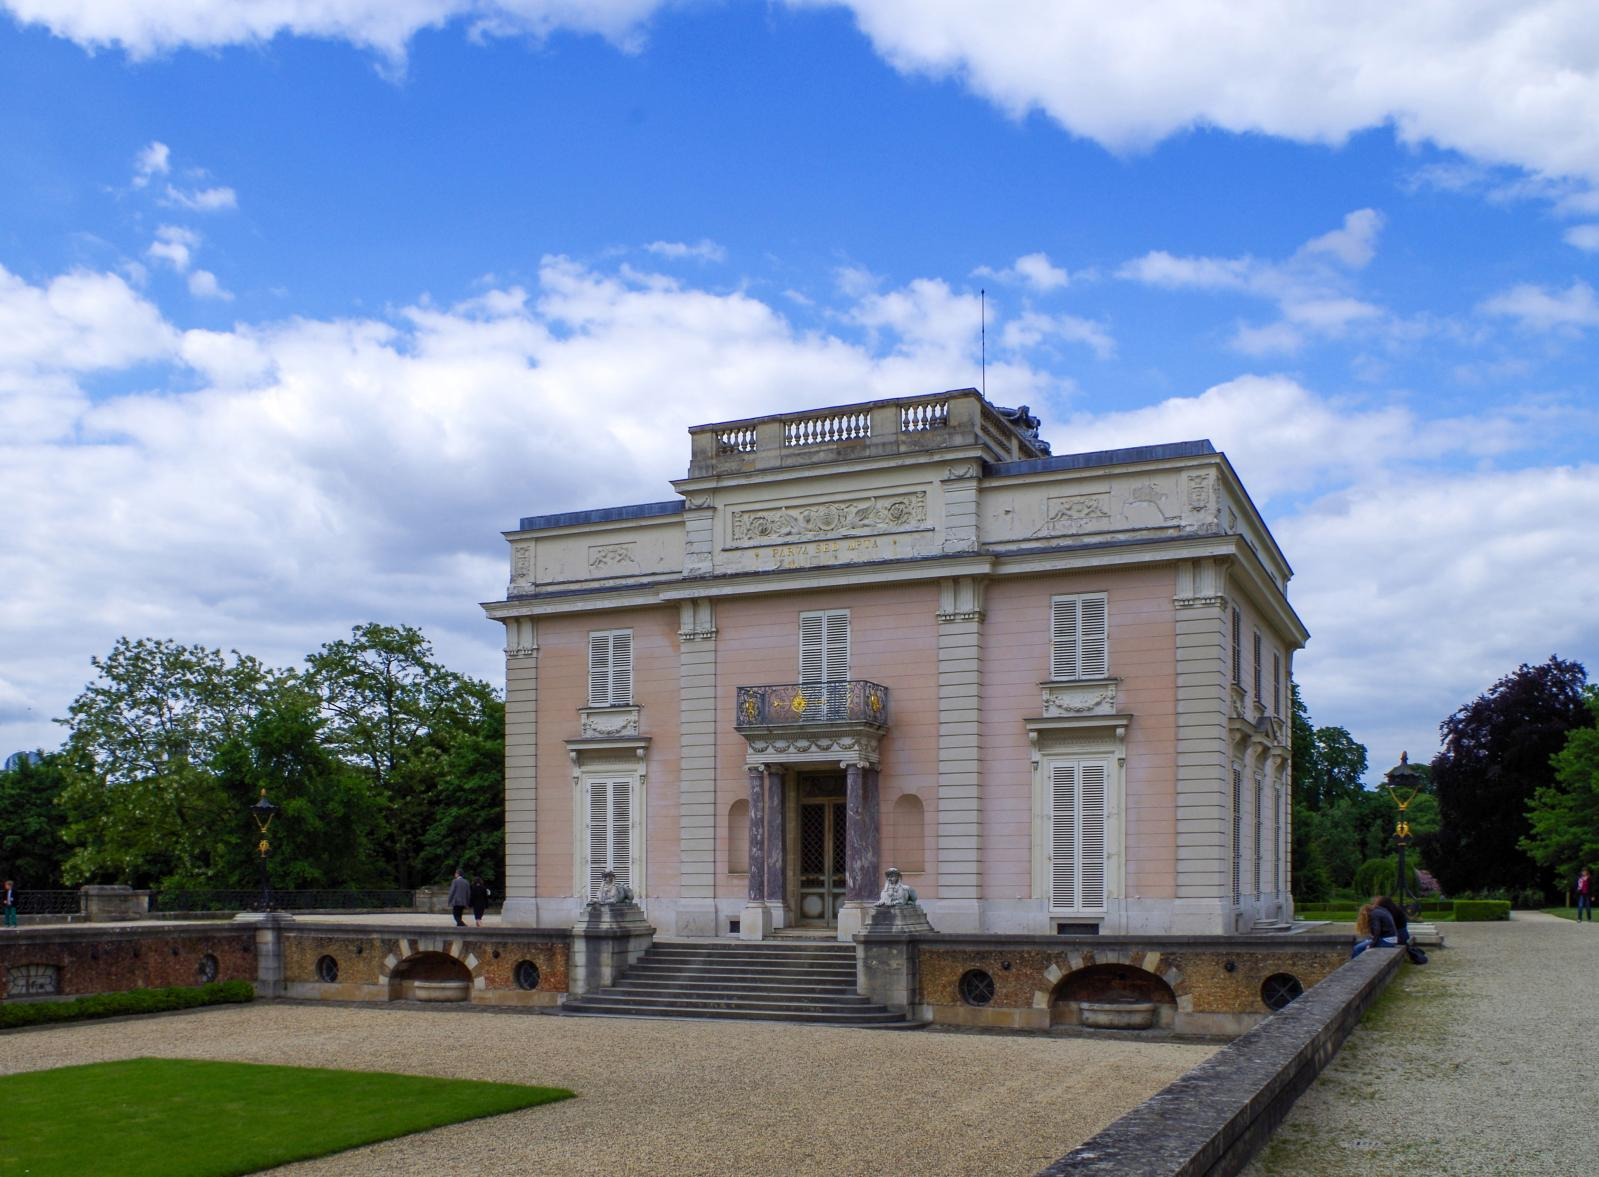 Entrance to the Château de Bagatelle, ParisPhoto by Dinkum